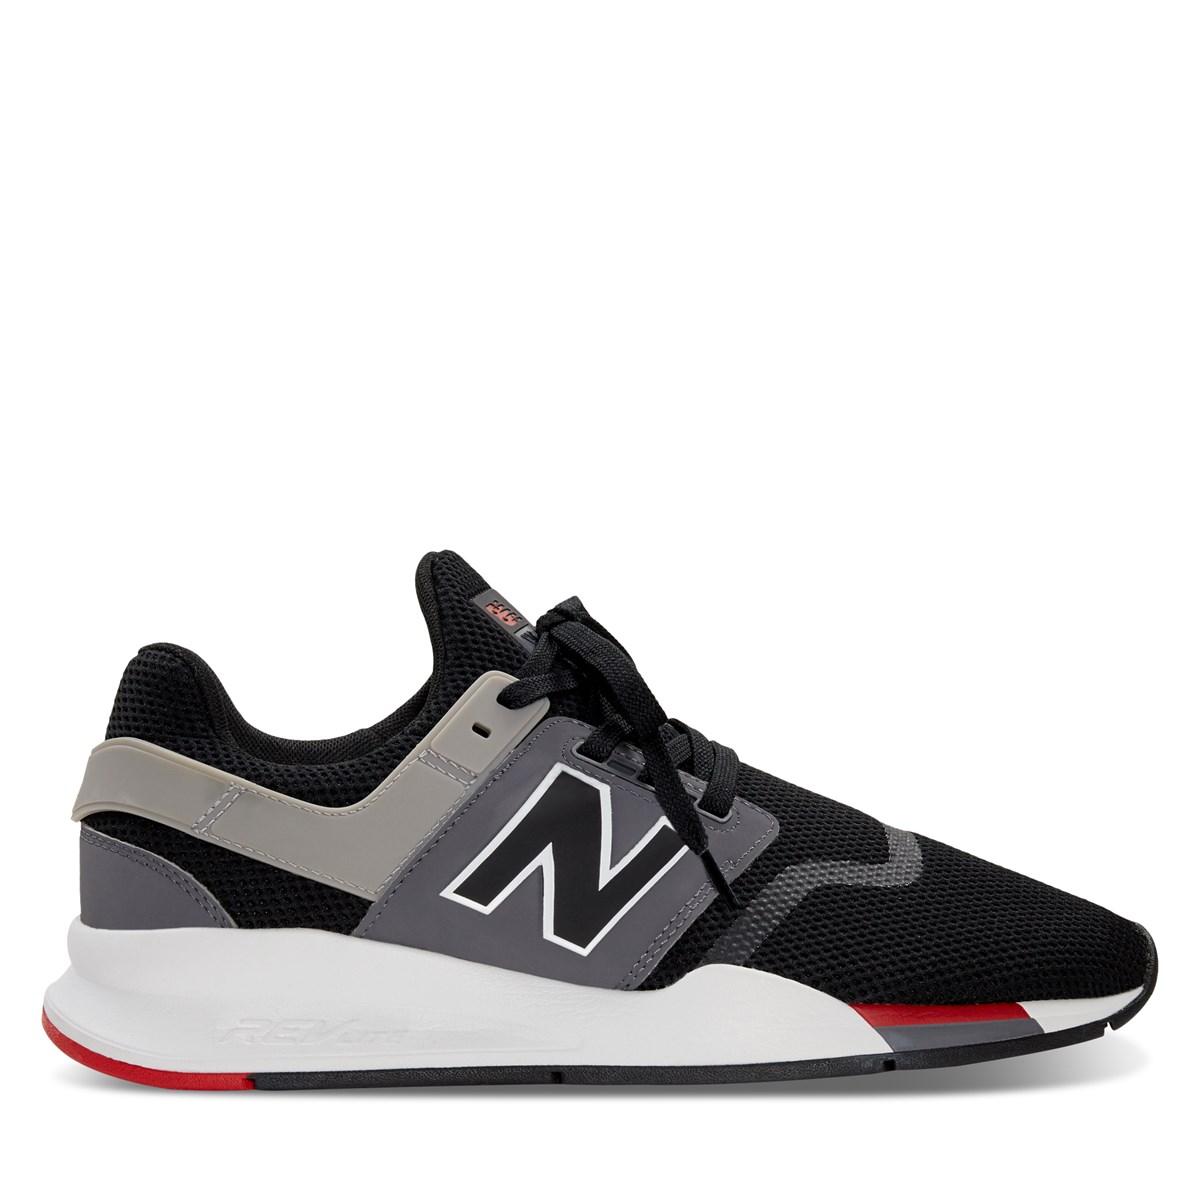 Men's 247 V2 Sneakers in Black